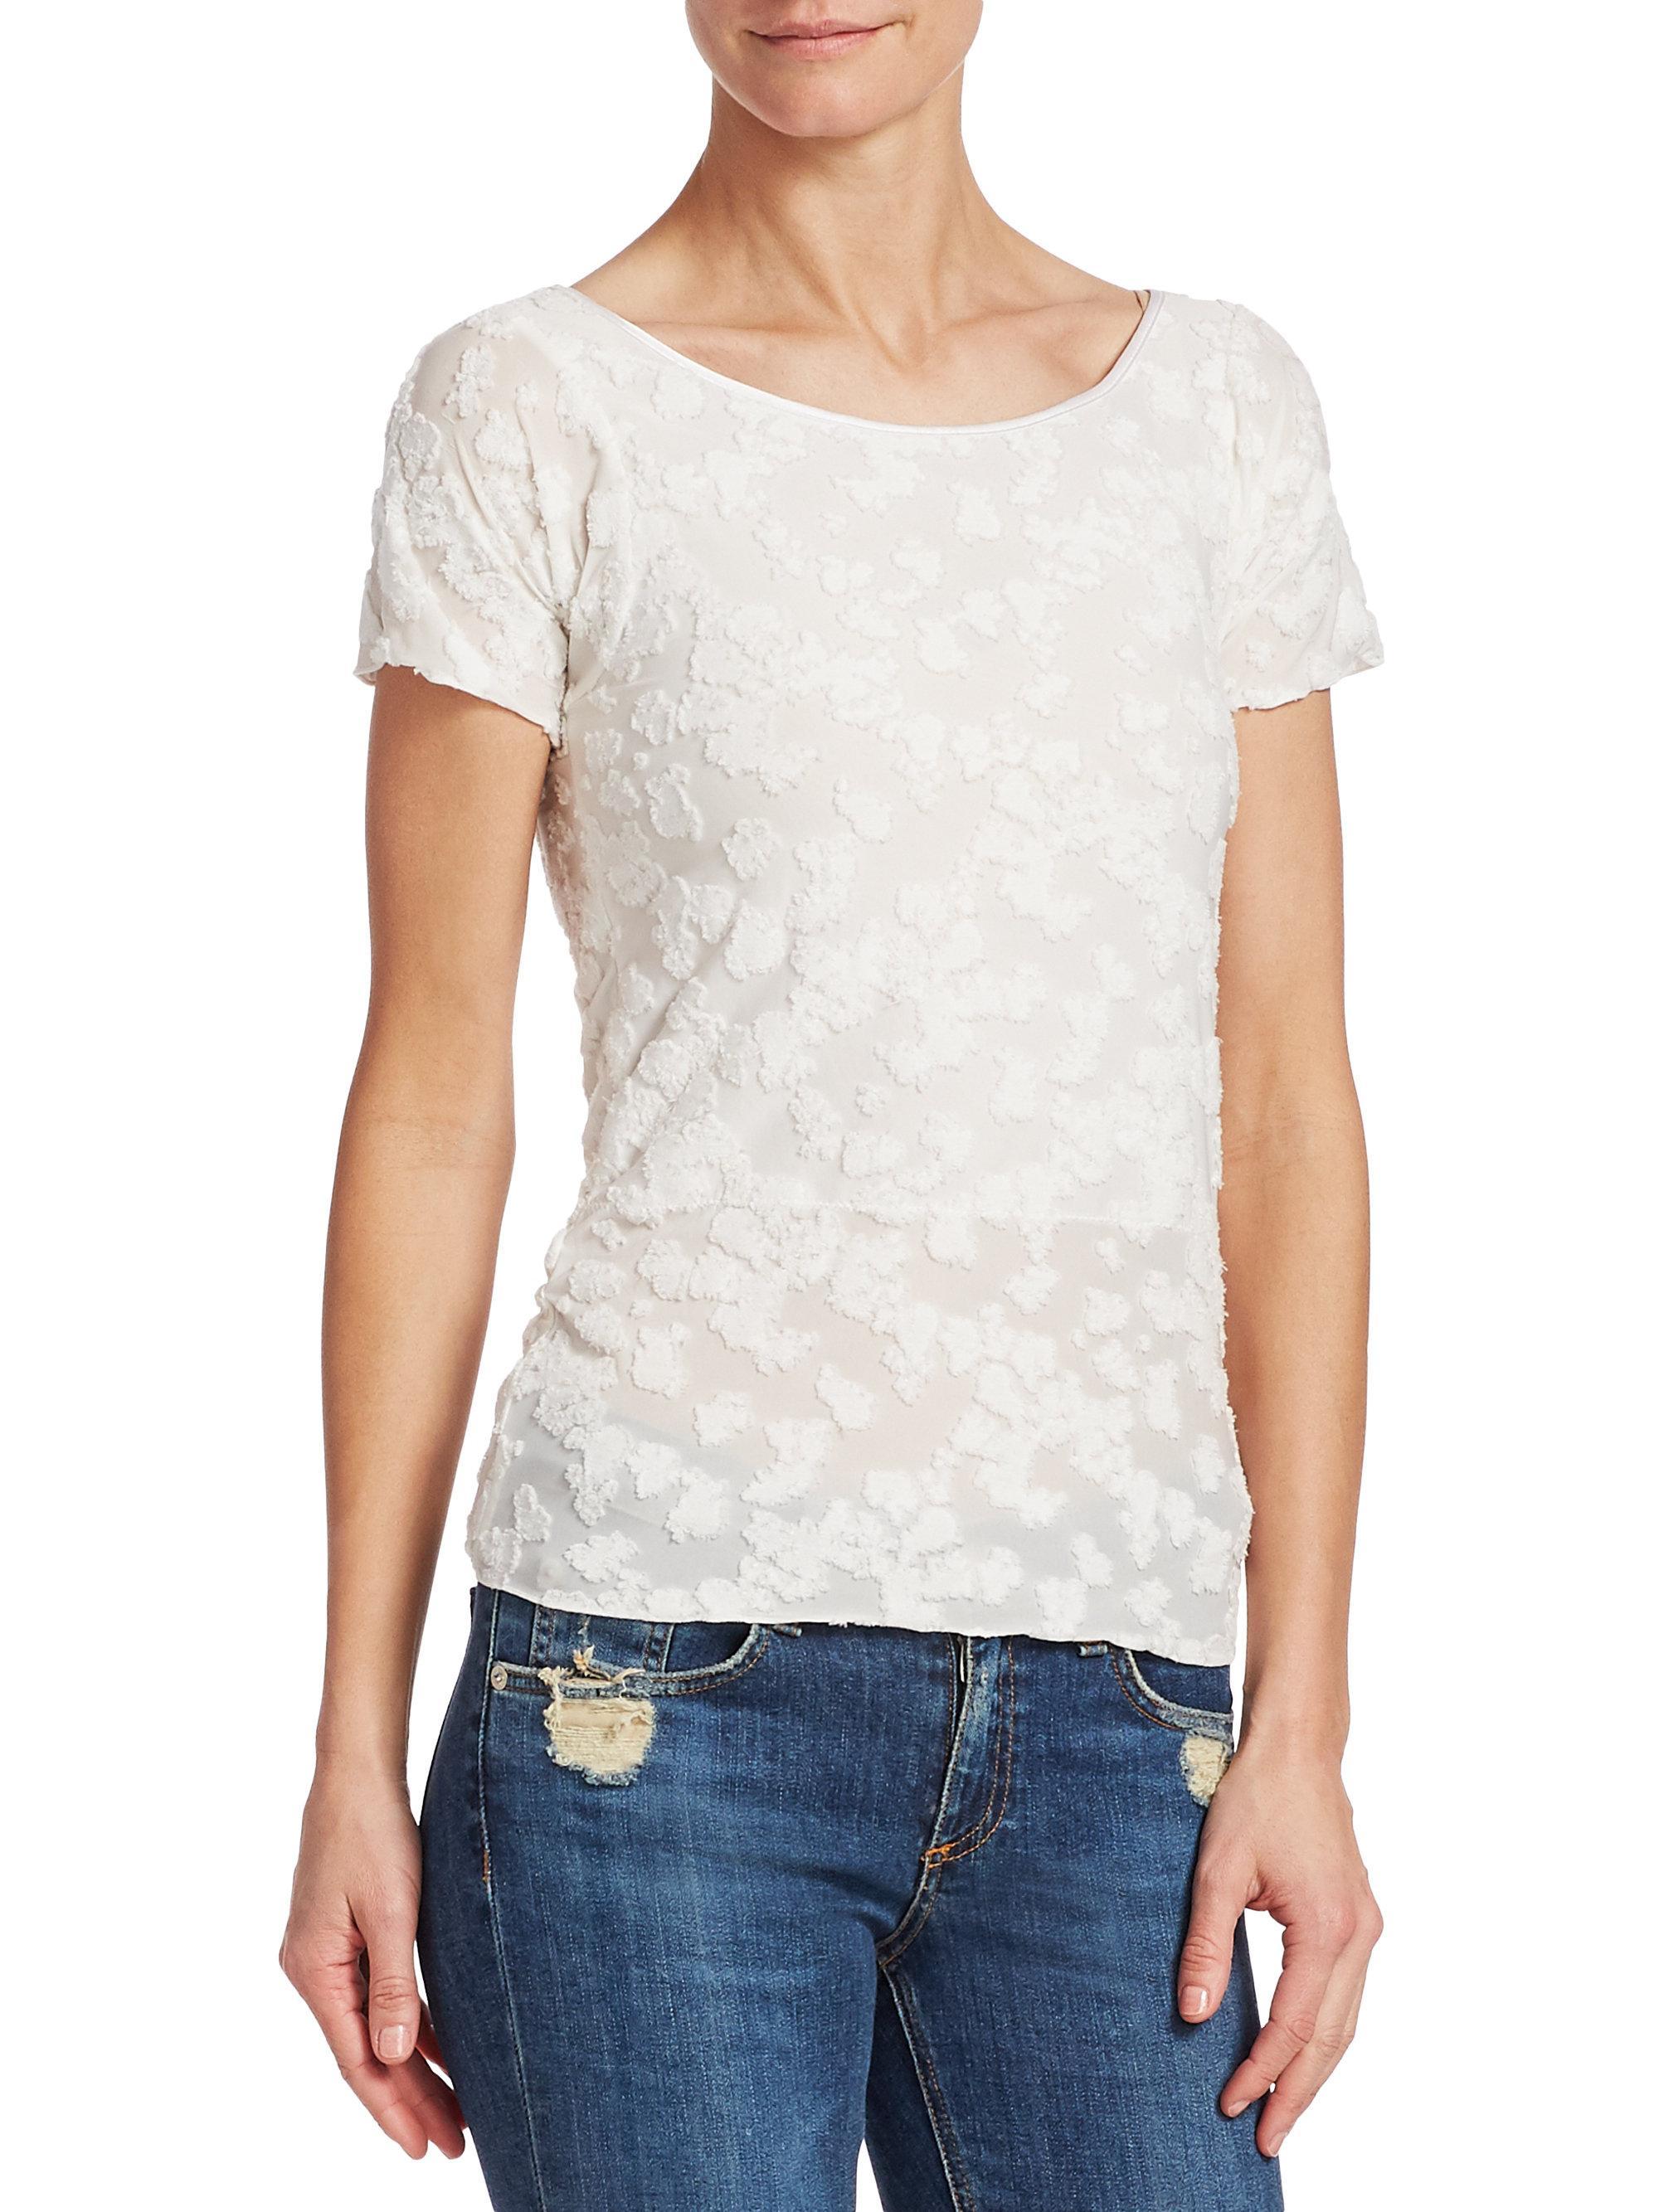 Rag & Bone Woman Cotton-blend Lace Top White Size M Rag & Bone Marketable Cheap Online Discounts Cheap Price Pay With Paypal Cheap Price Cheap Official Outlet 2018 S3C27Q